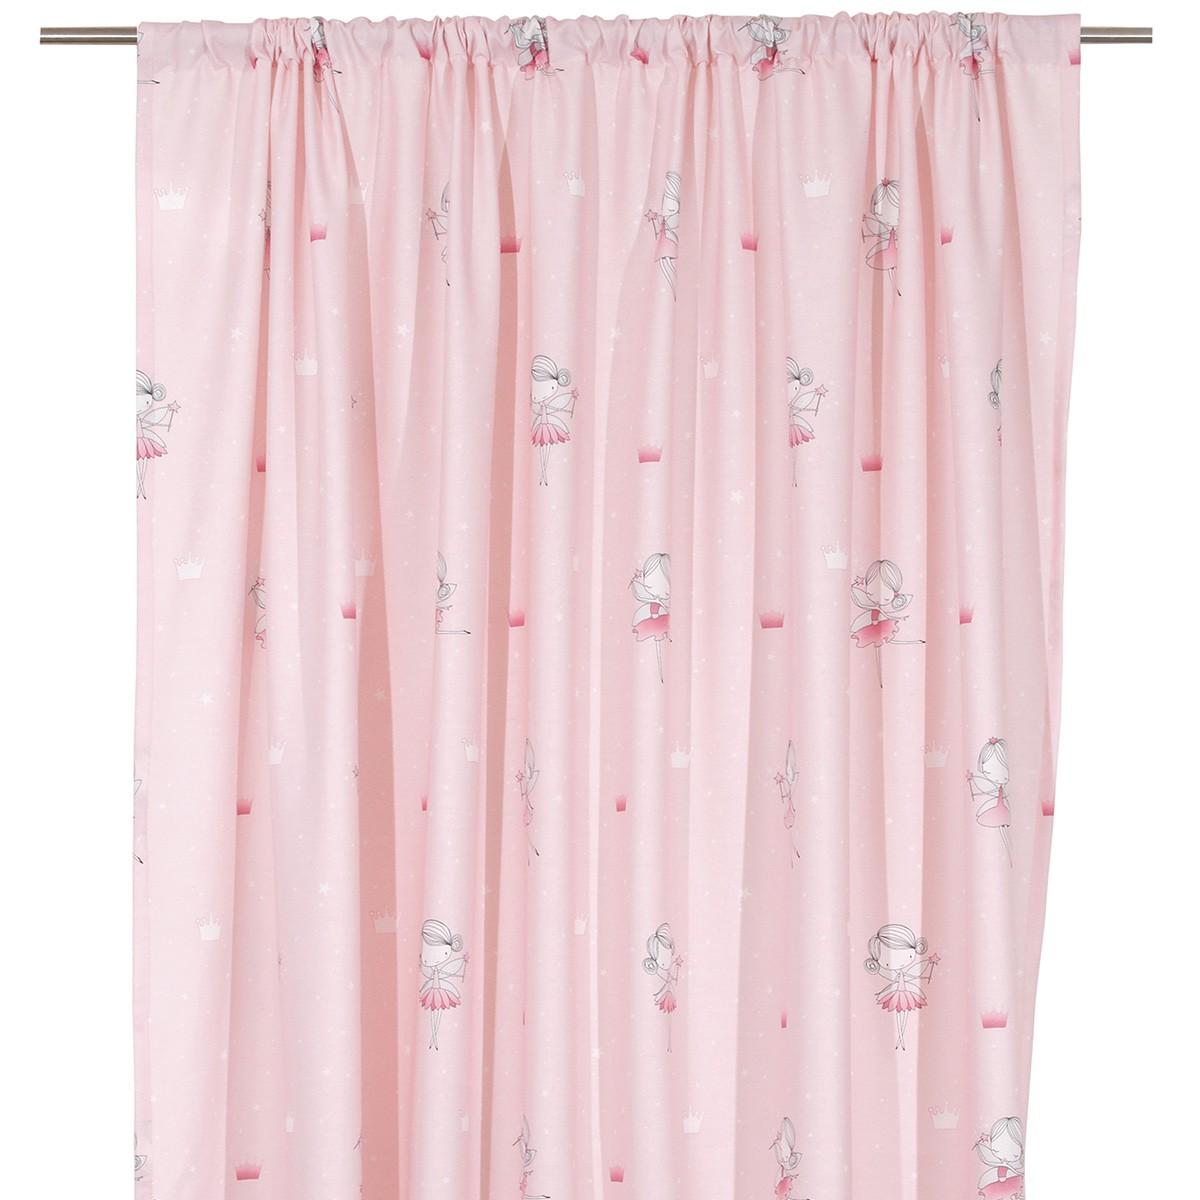 Παιδική Κουρτίνα (160×270) Viopros Curtains Μάγια